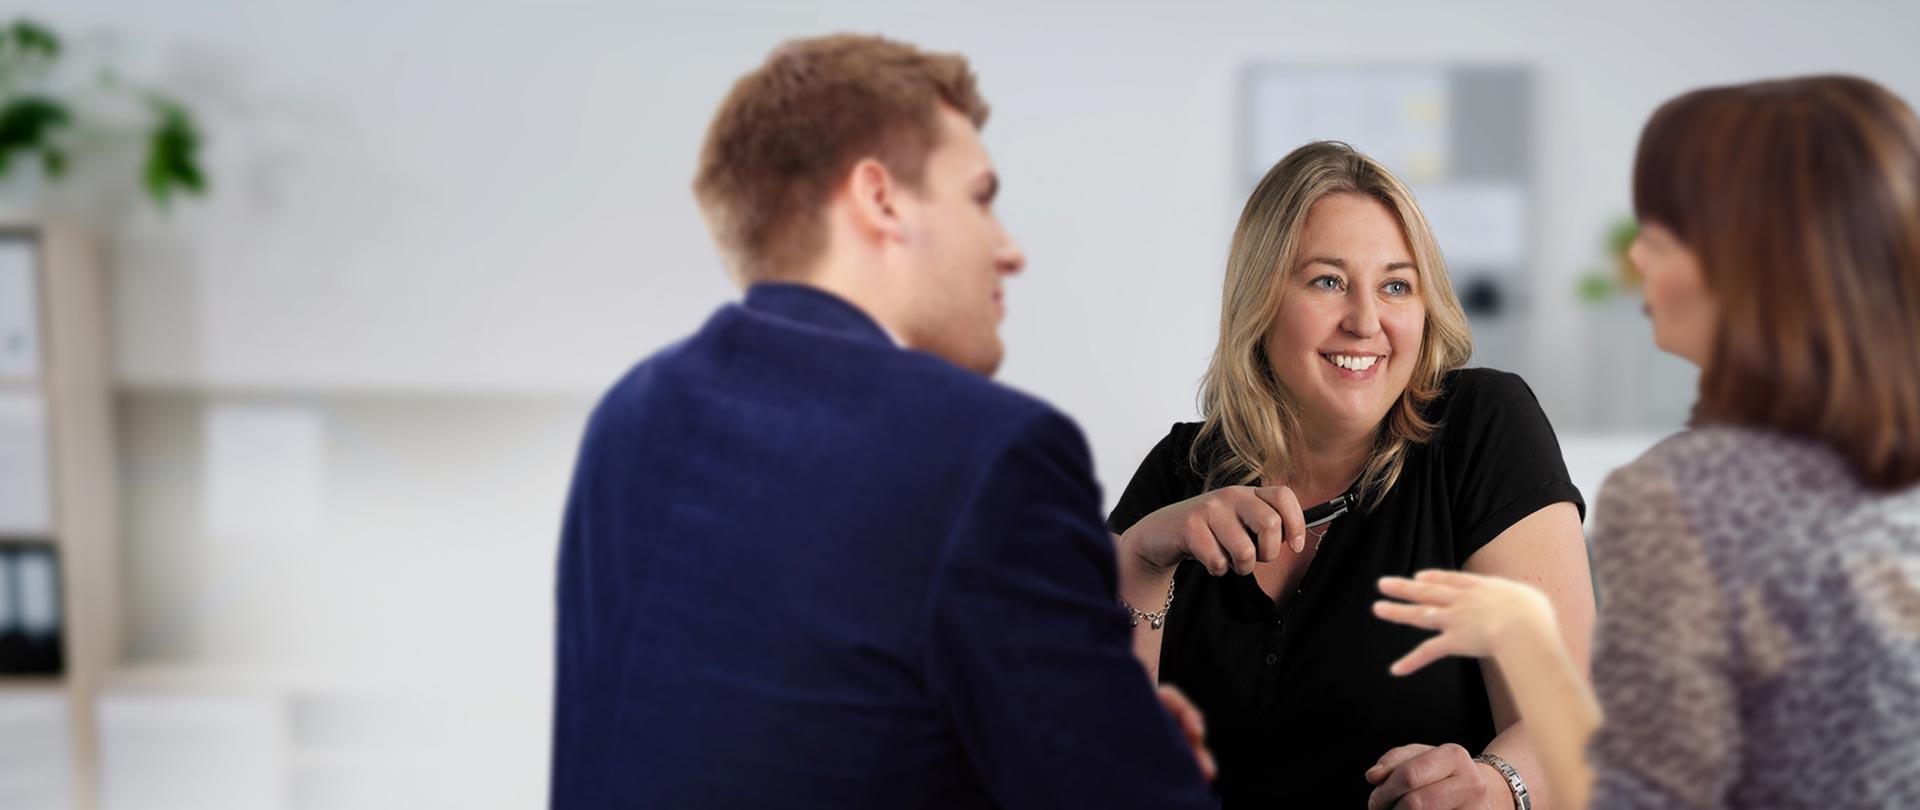 Kundenberaterin Eva Rieger betreut ein Ehepaar im Kundenzentrum der Stadtwerke Walldorf.